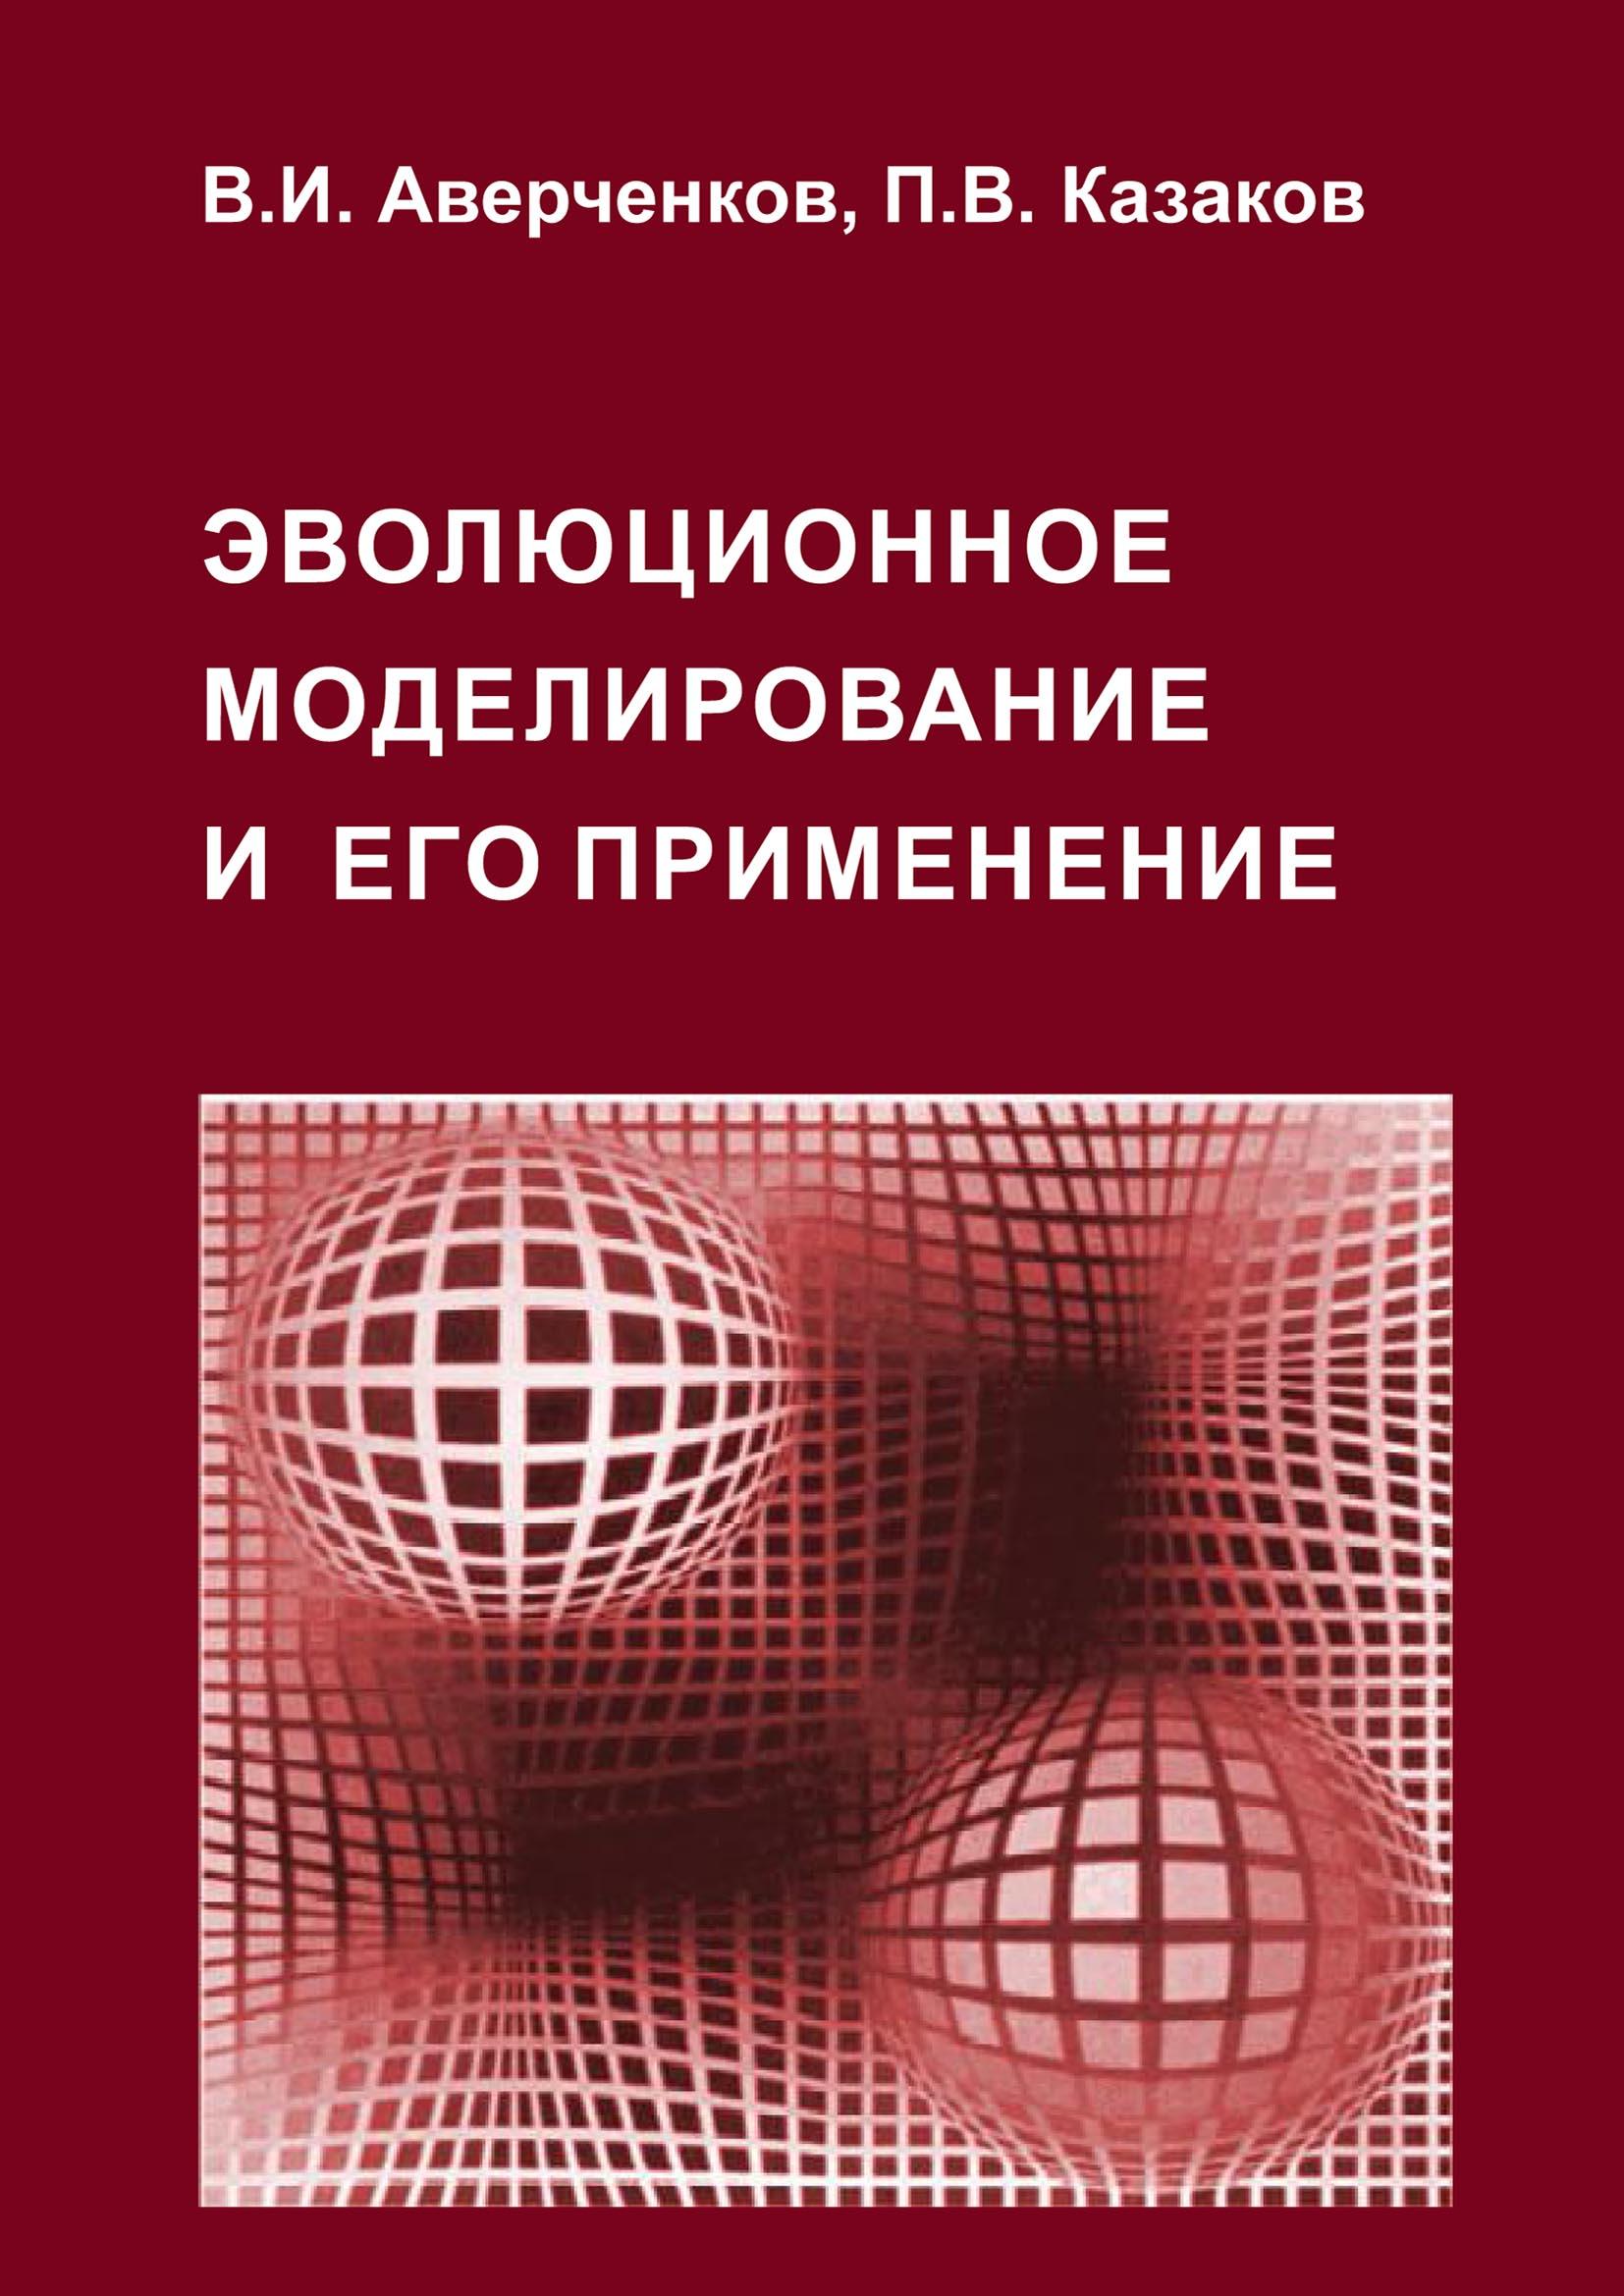 цена на В. И. Аверченков Эволюционное моделирование и его применение